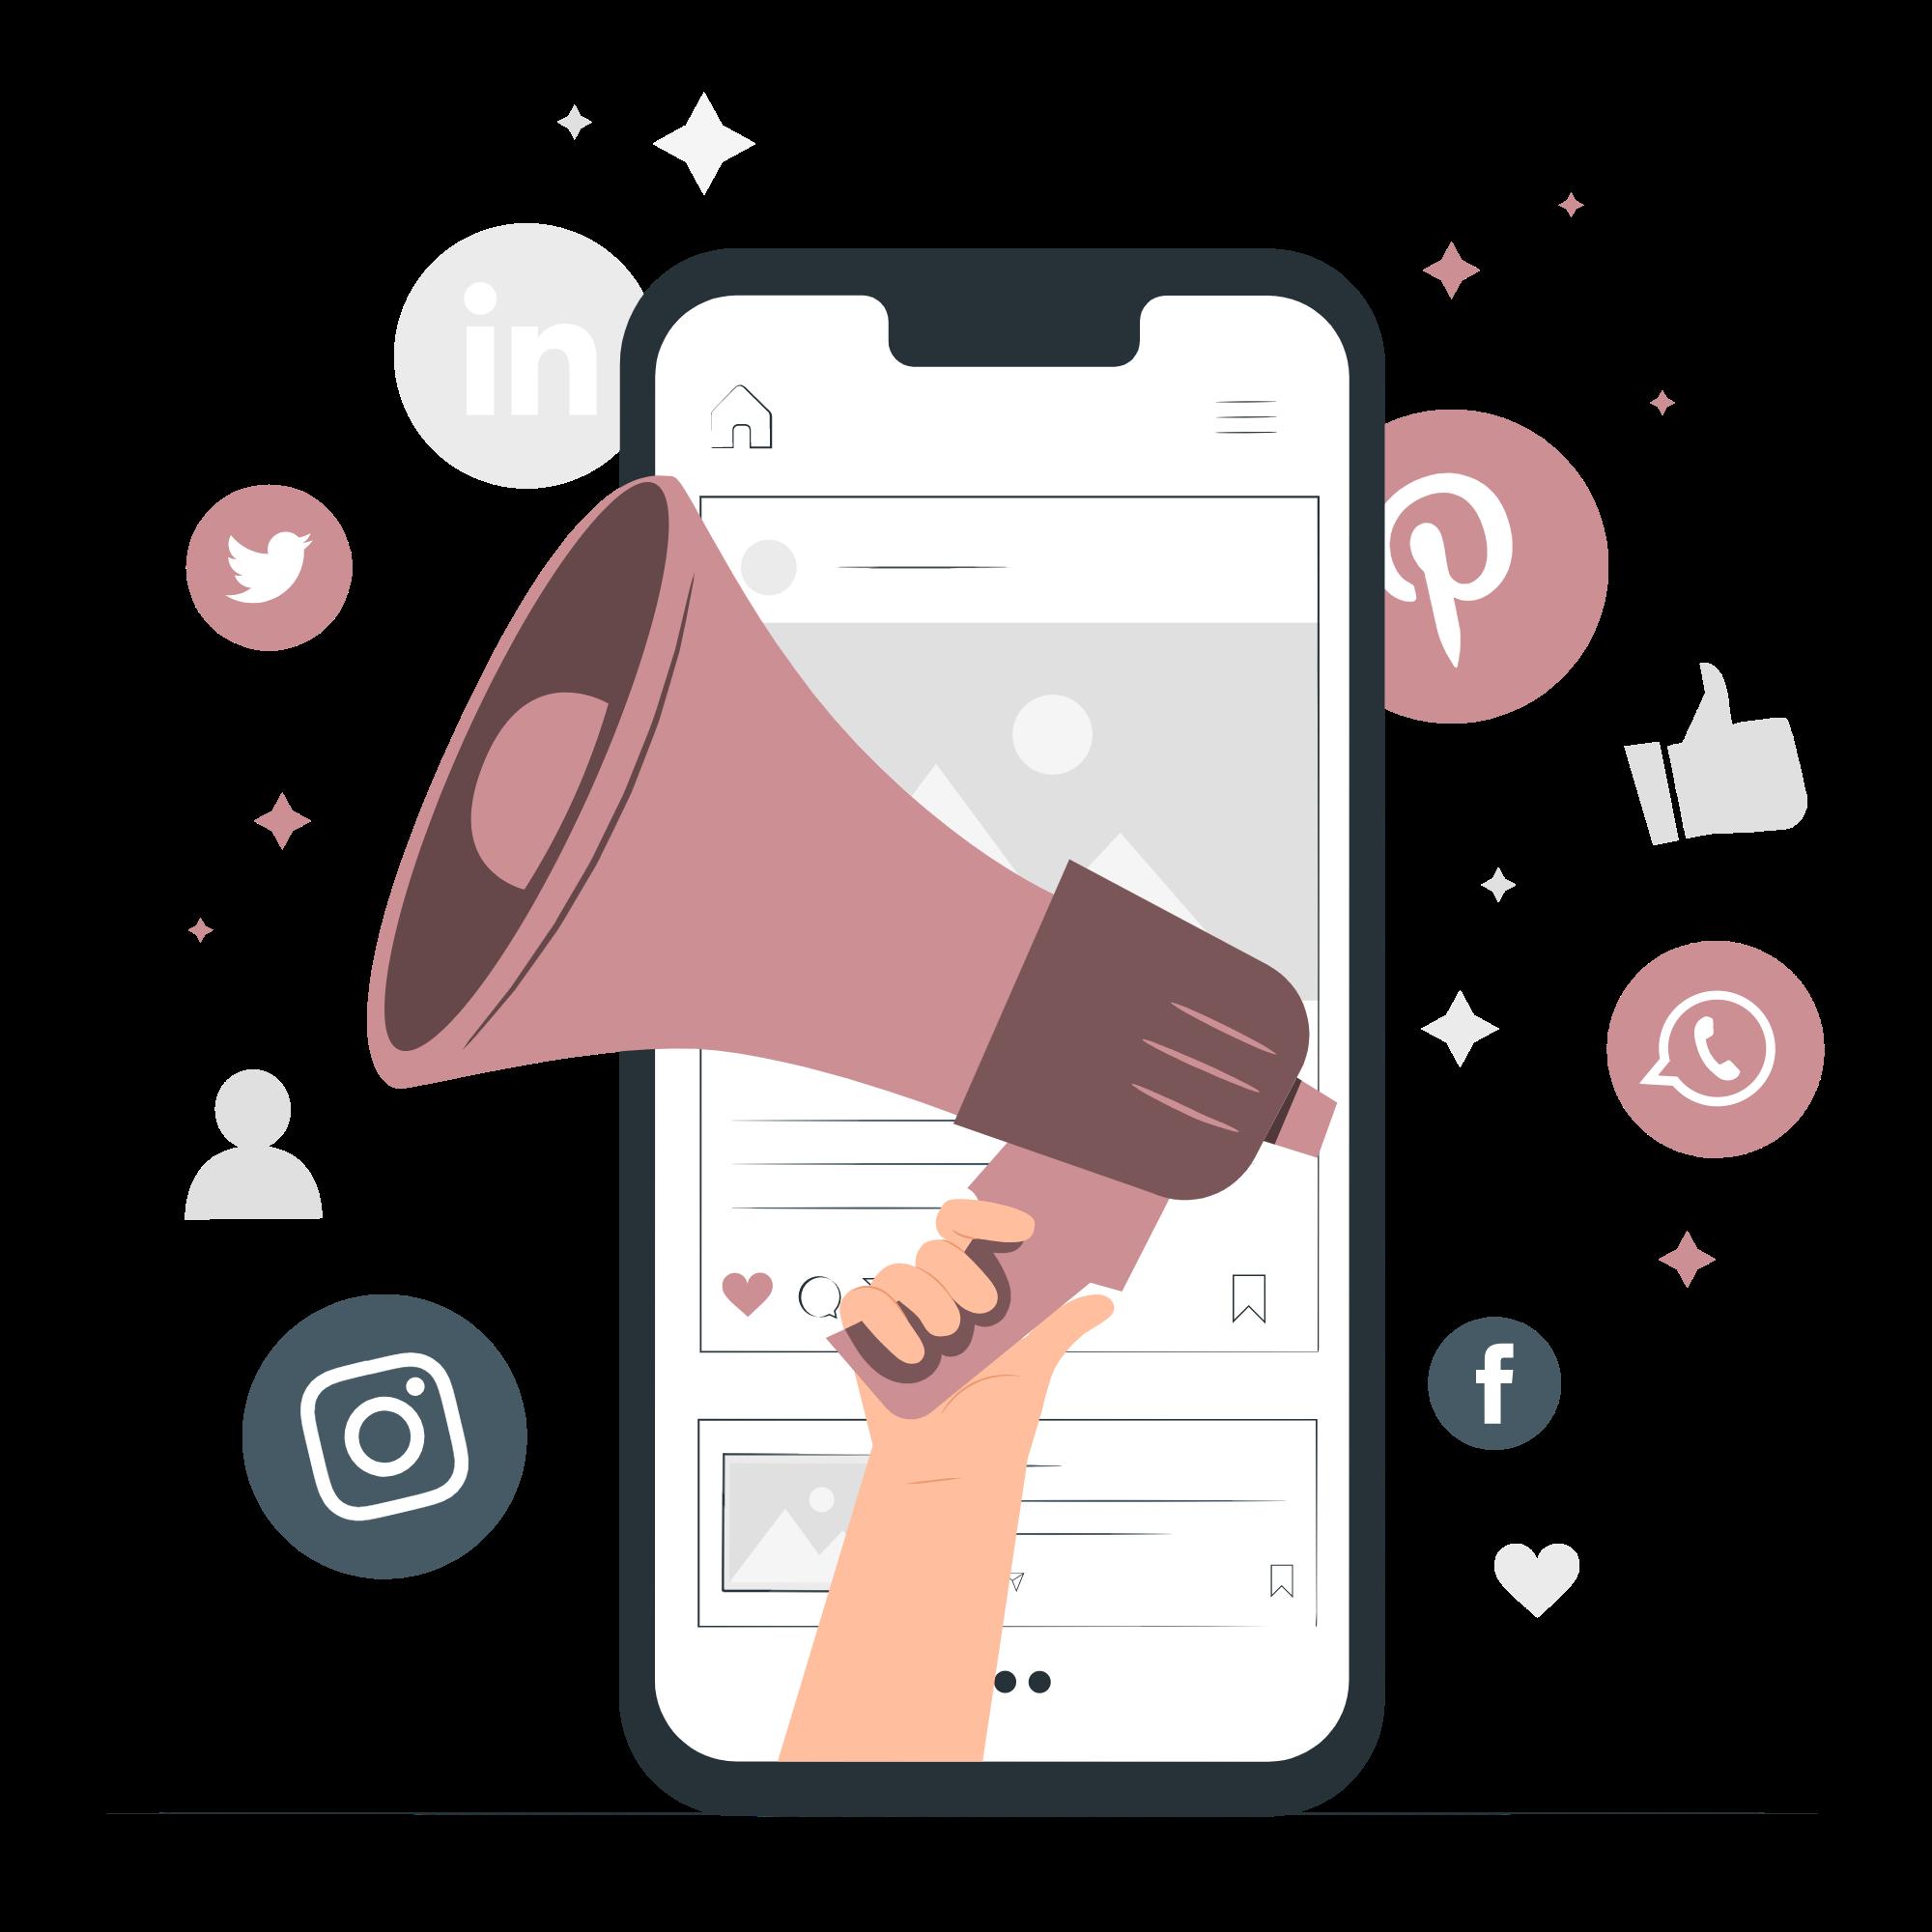 Mobile-social-media-Marketing